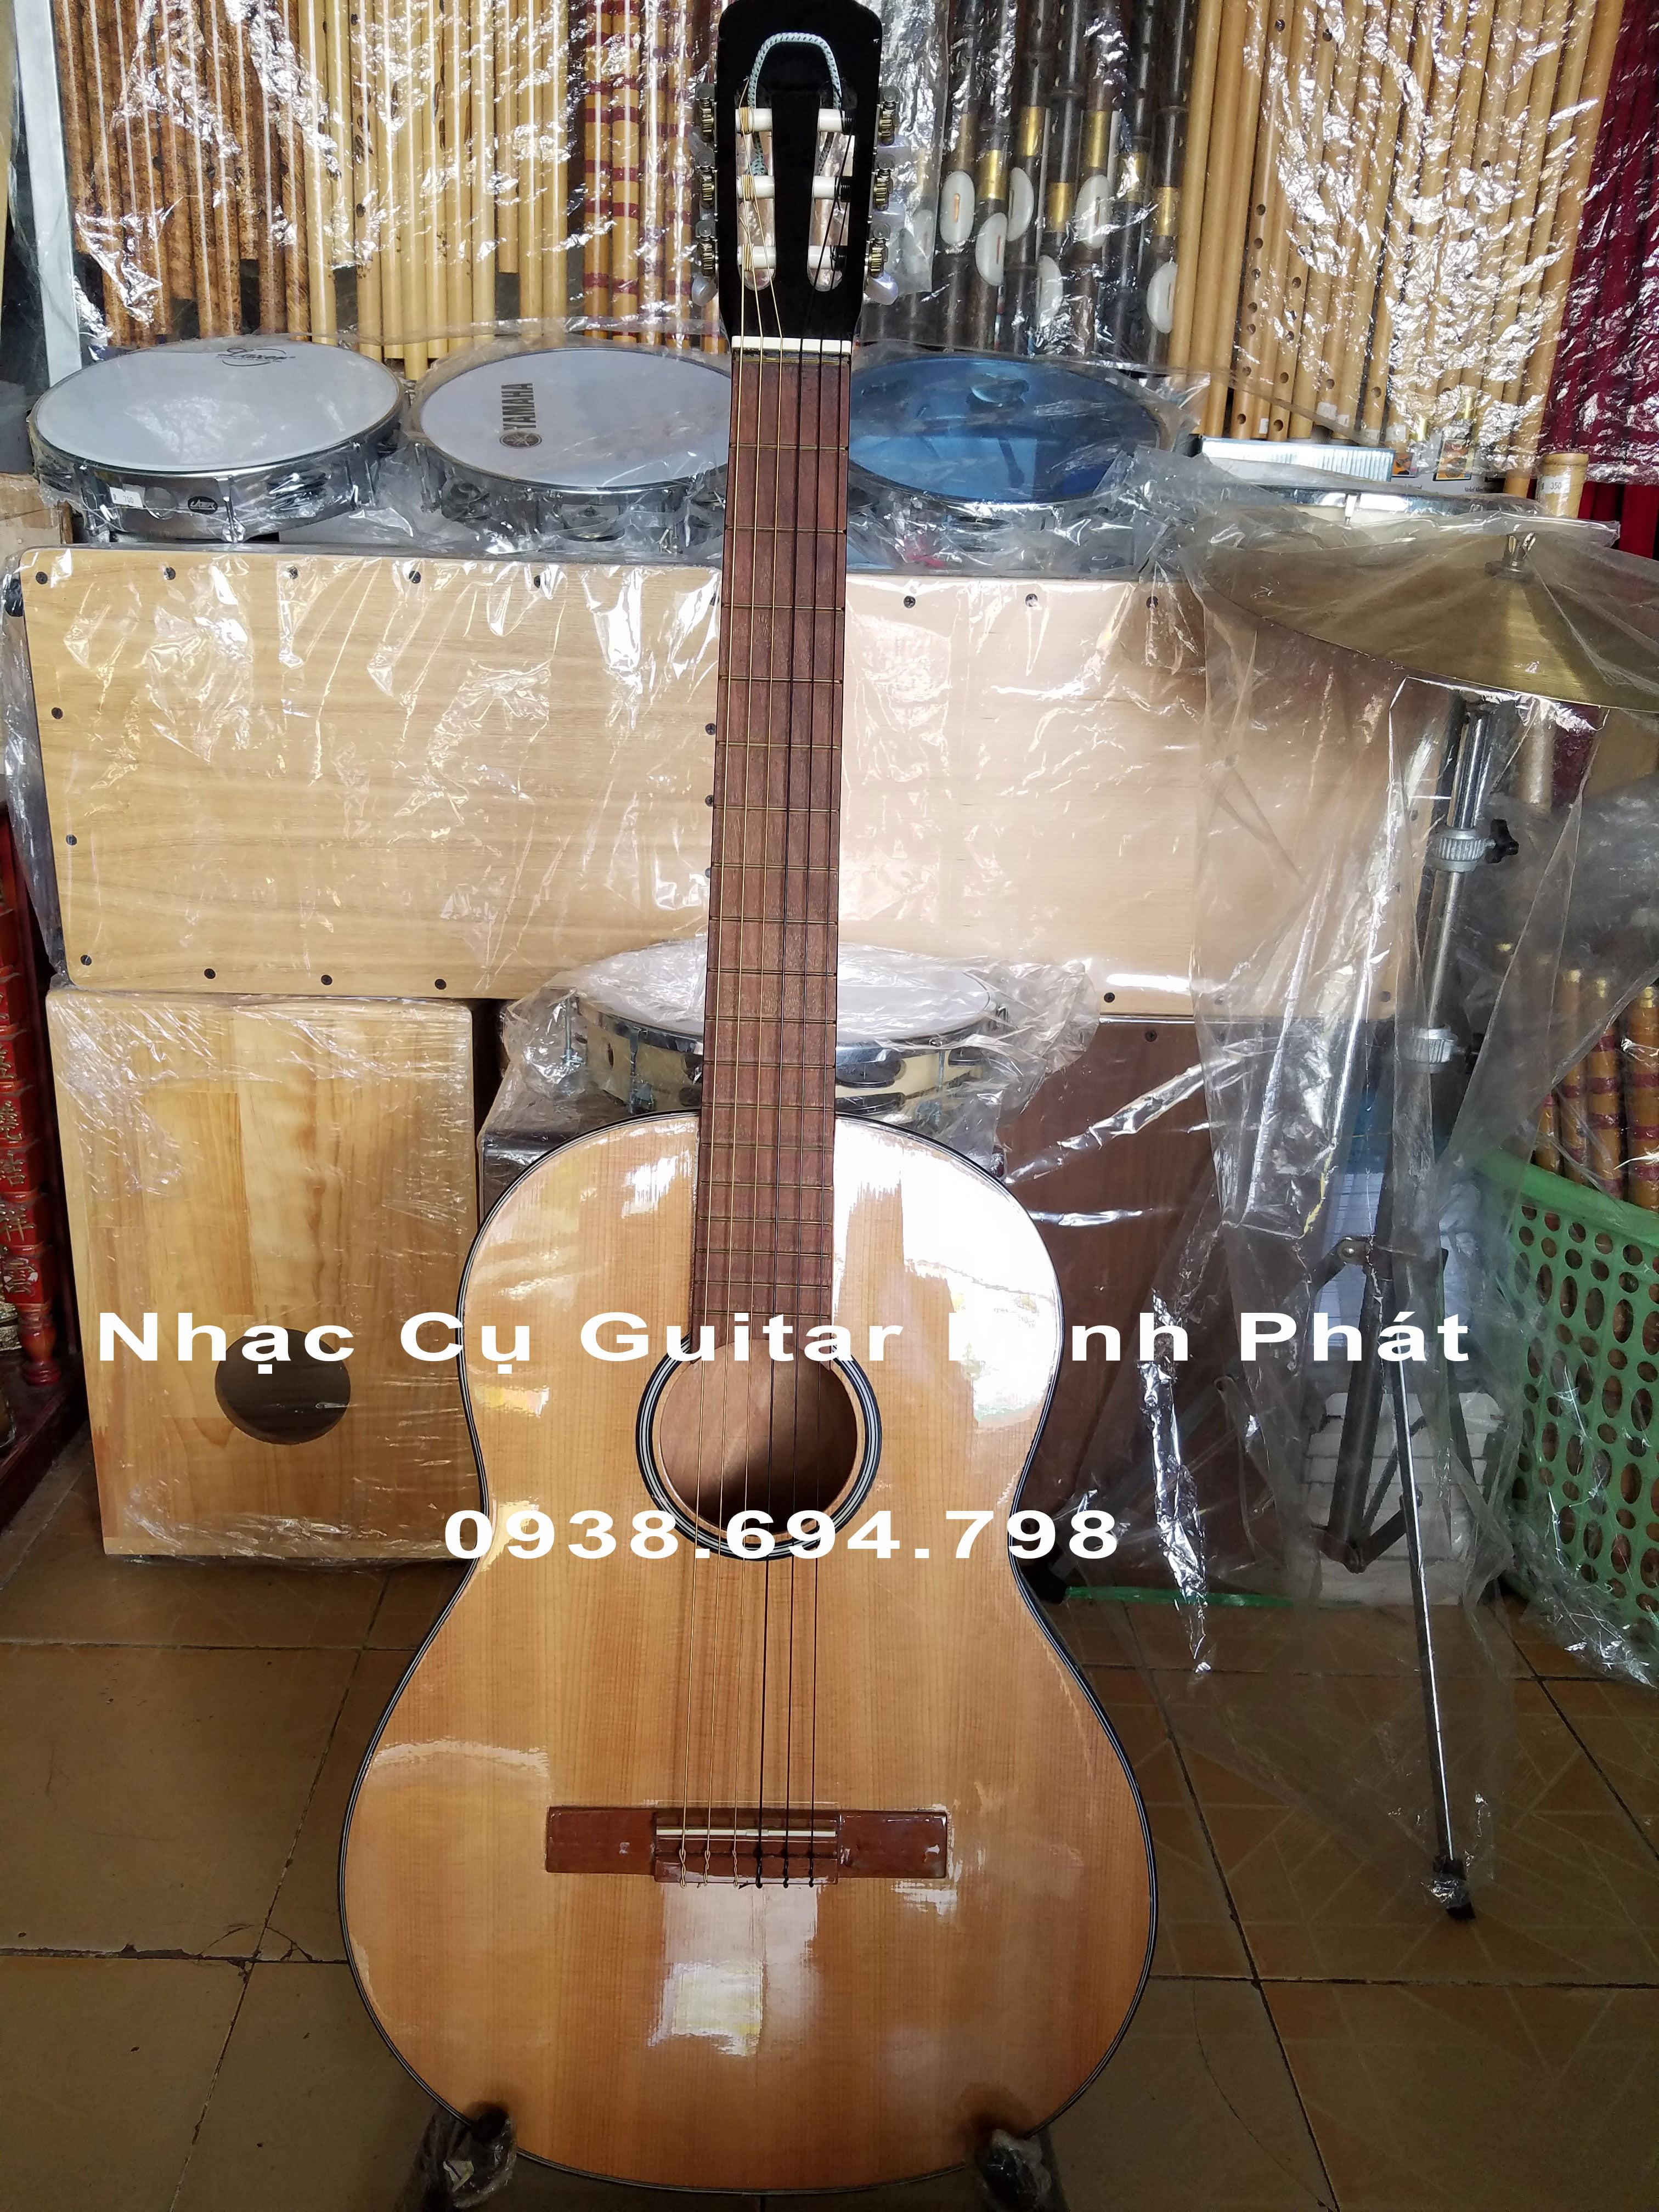 Bán đàn guitar giá rẻ quận bình tân bình chánh tân phú quận 6 chỉ 390k- guitarbinhtan.com - 12